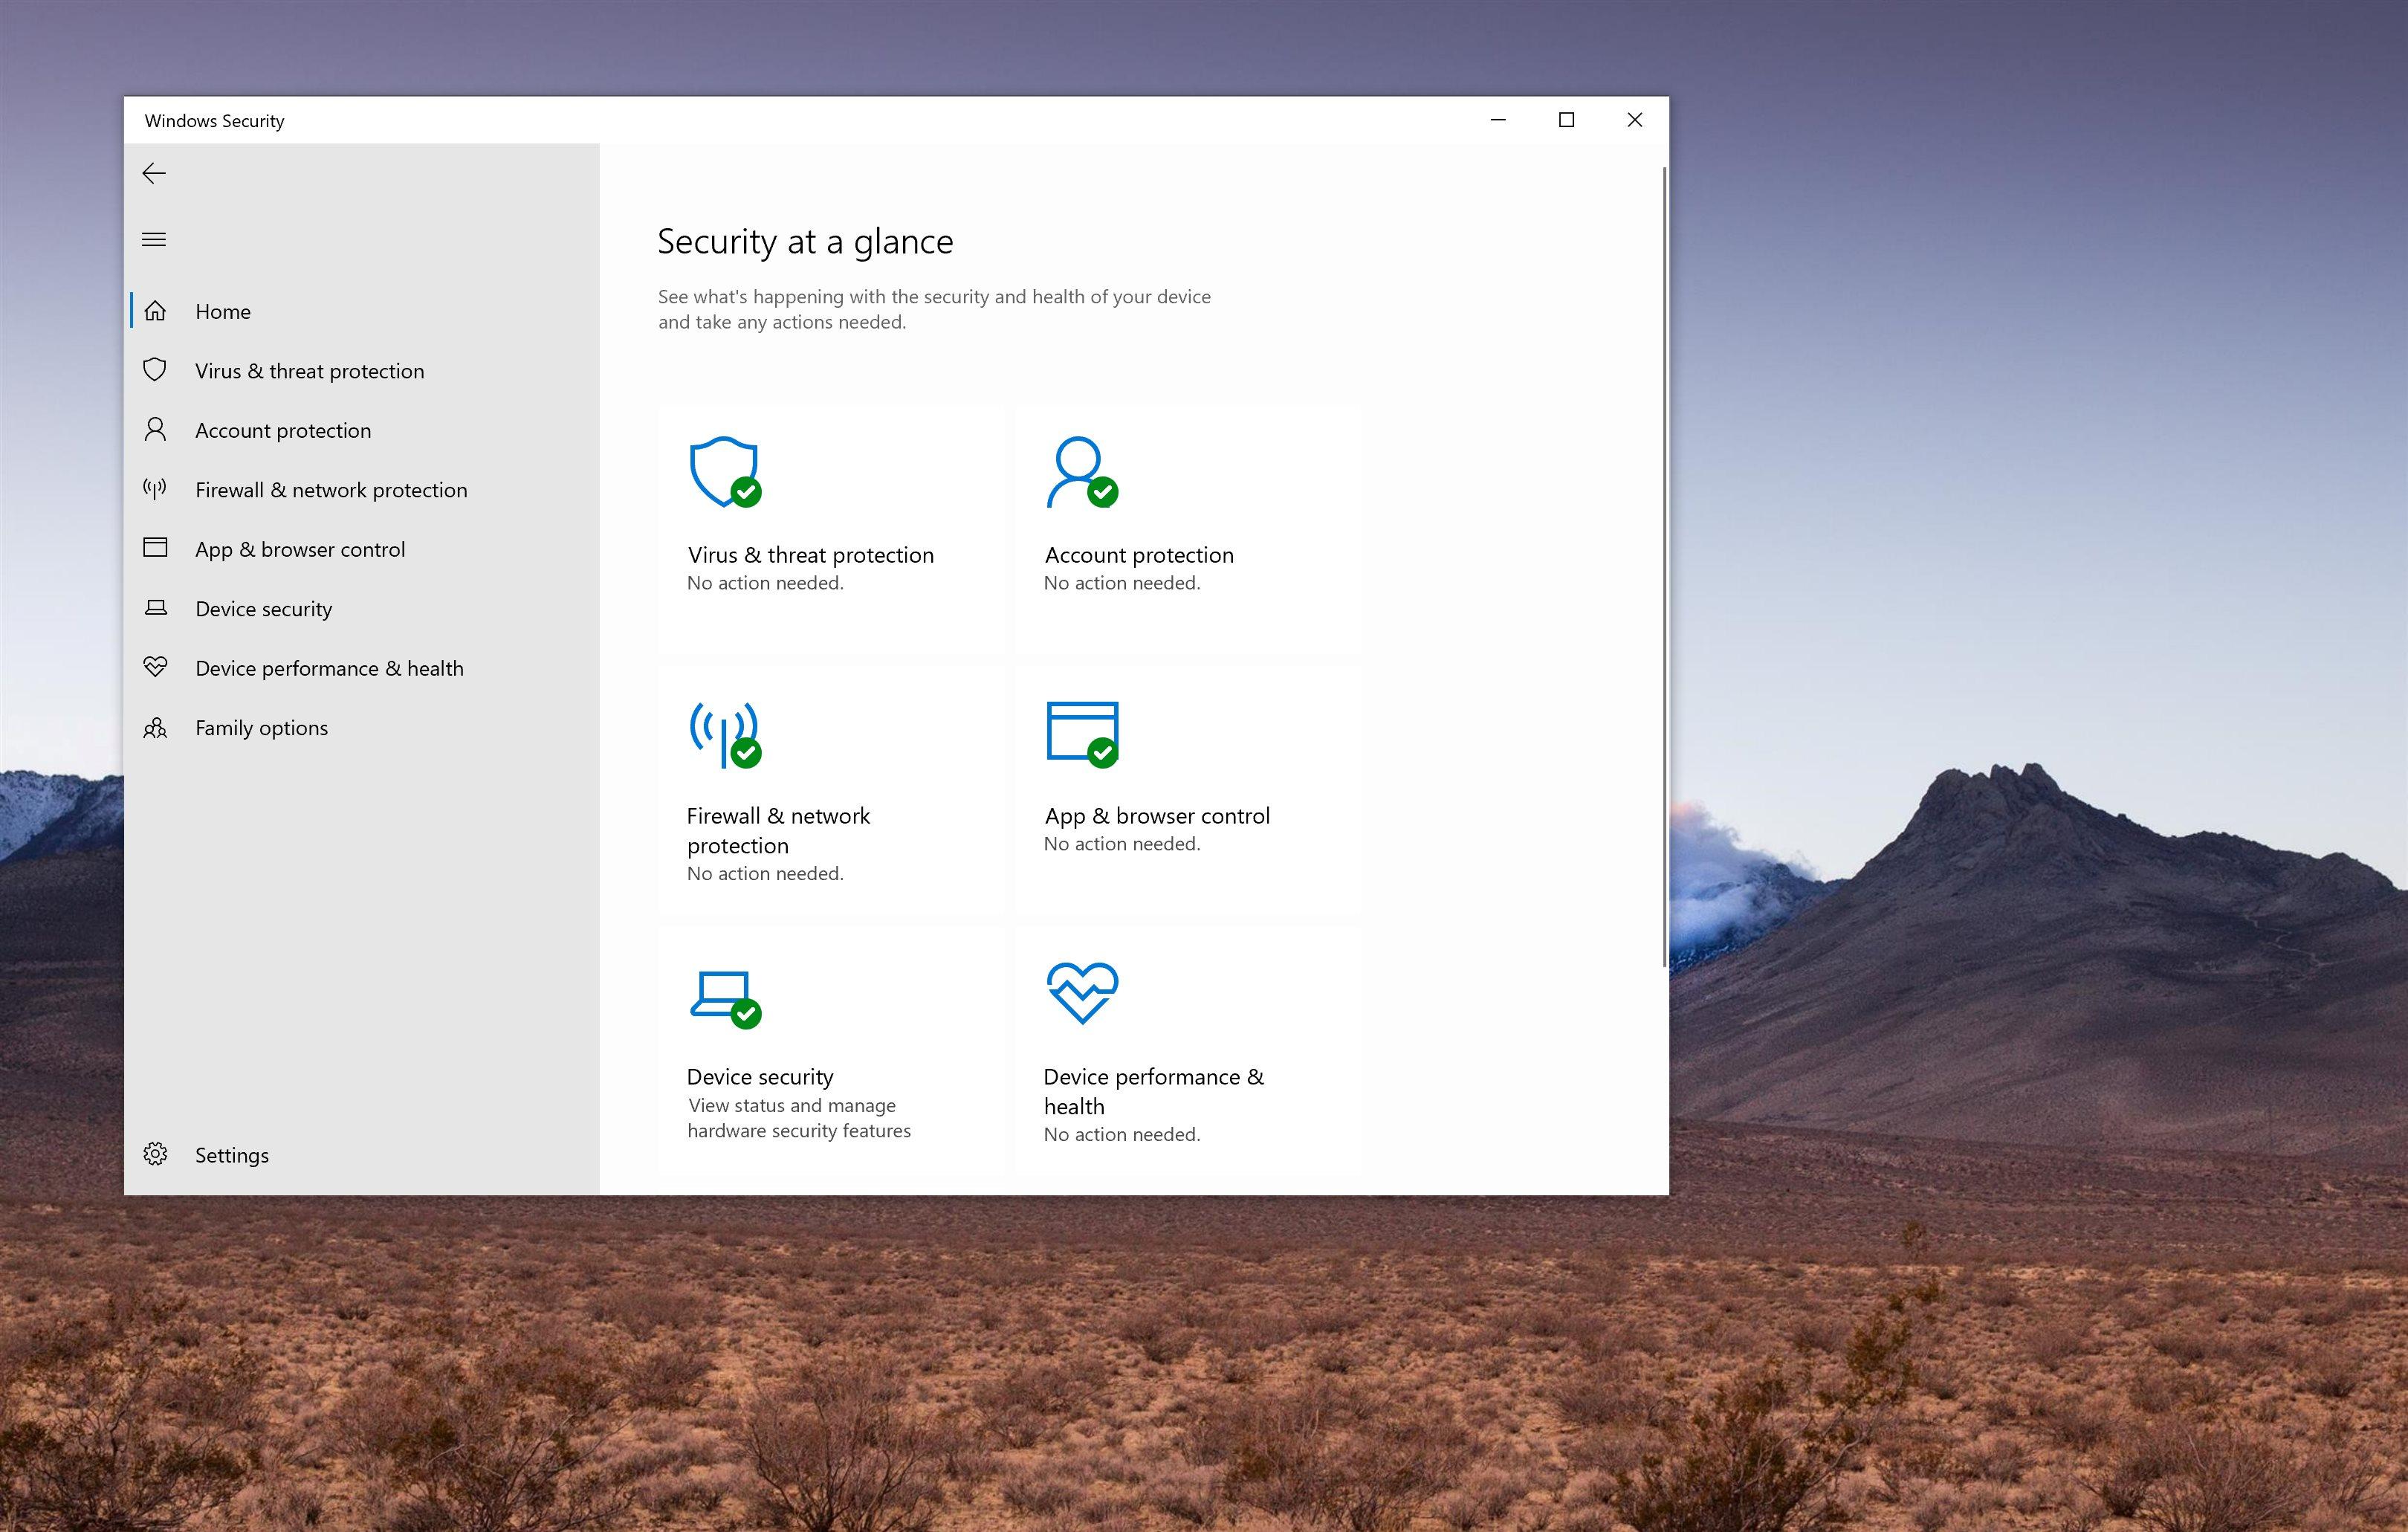 Microsoft lặng lẽ thực hiện một thay đổi trong trình antivirus có sẵn trên Windows 10